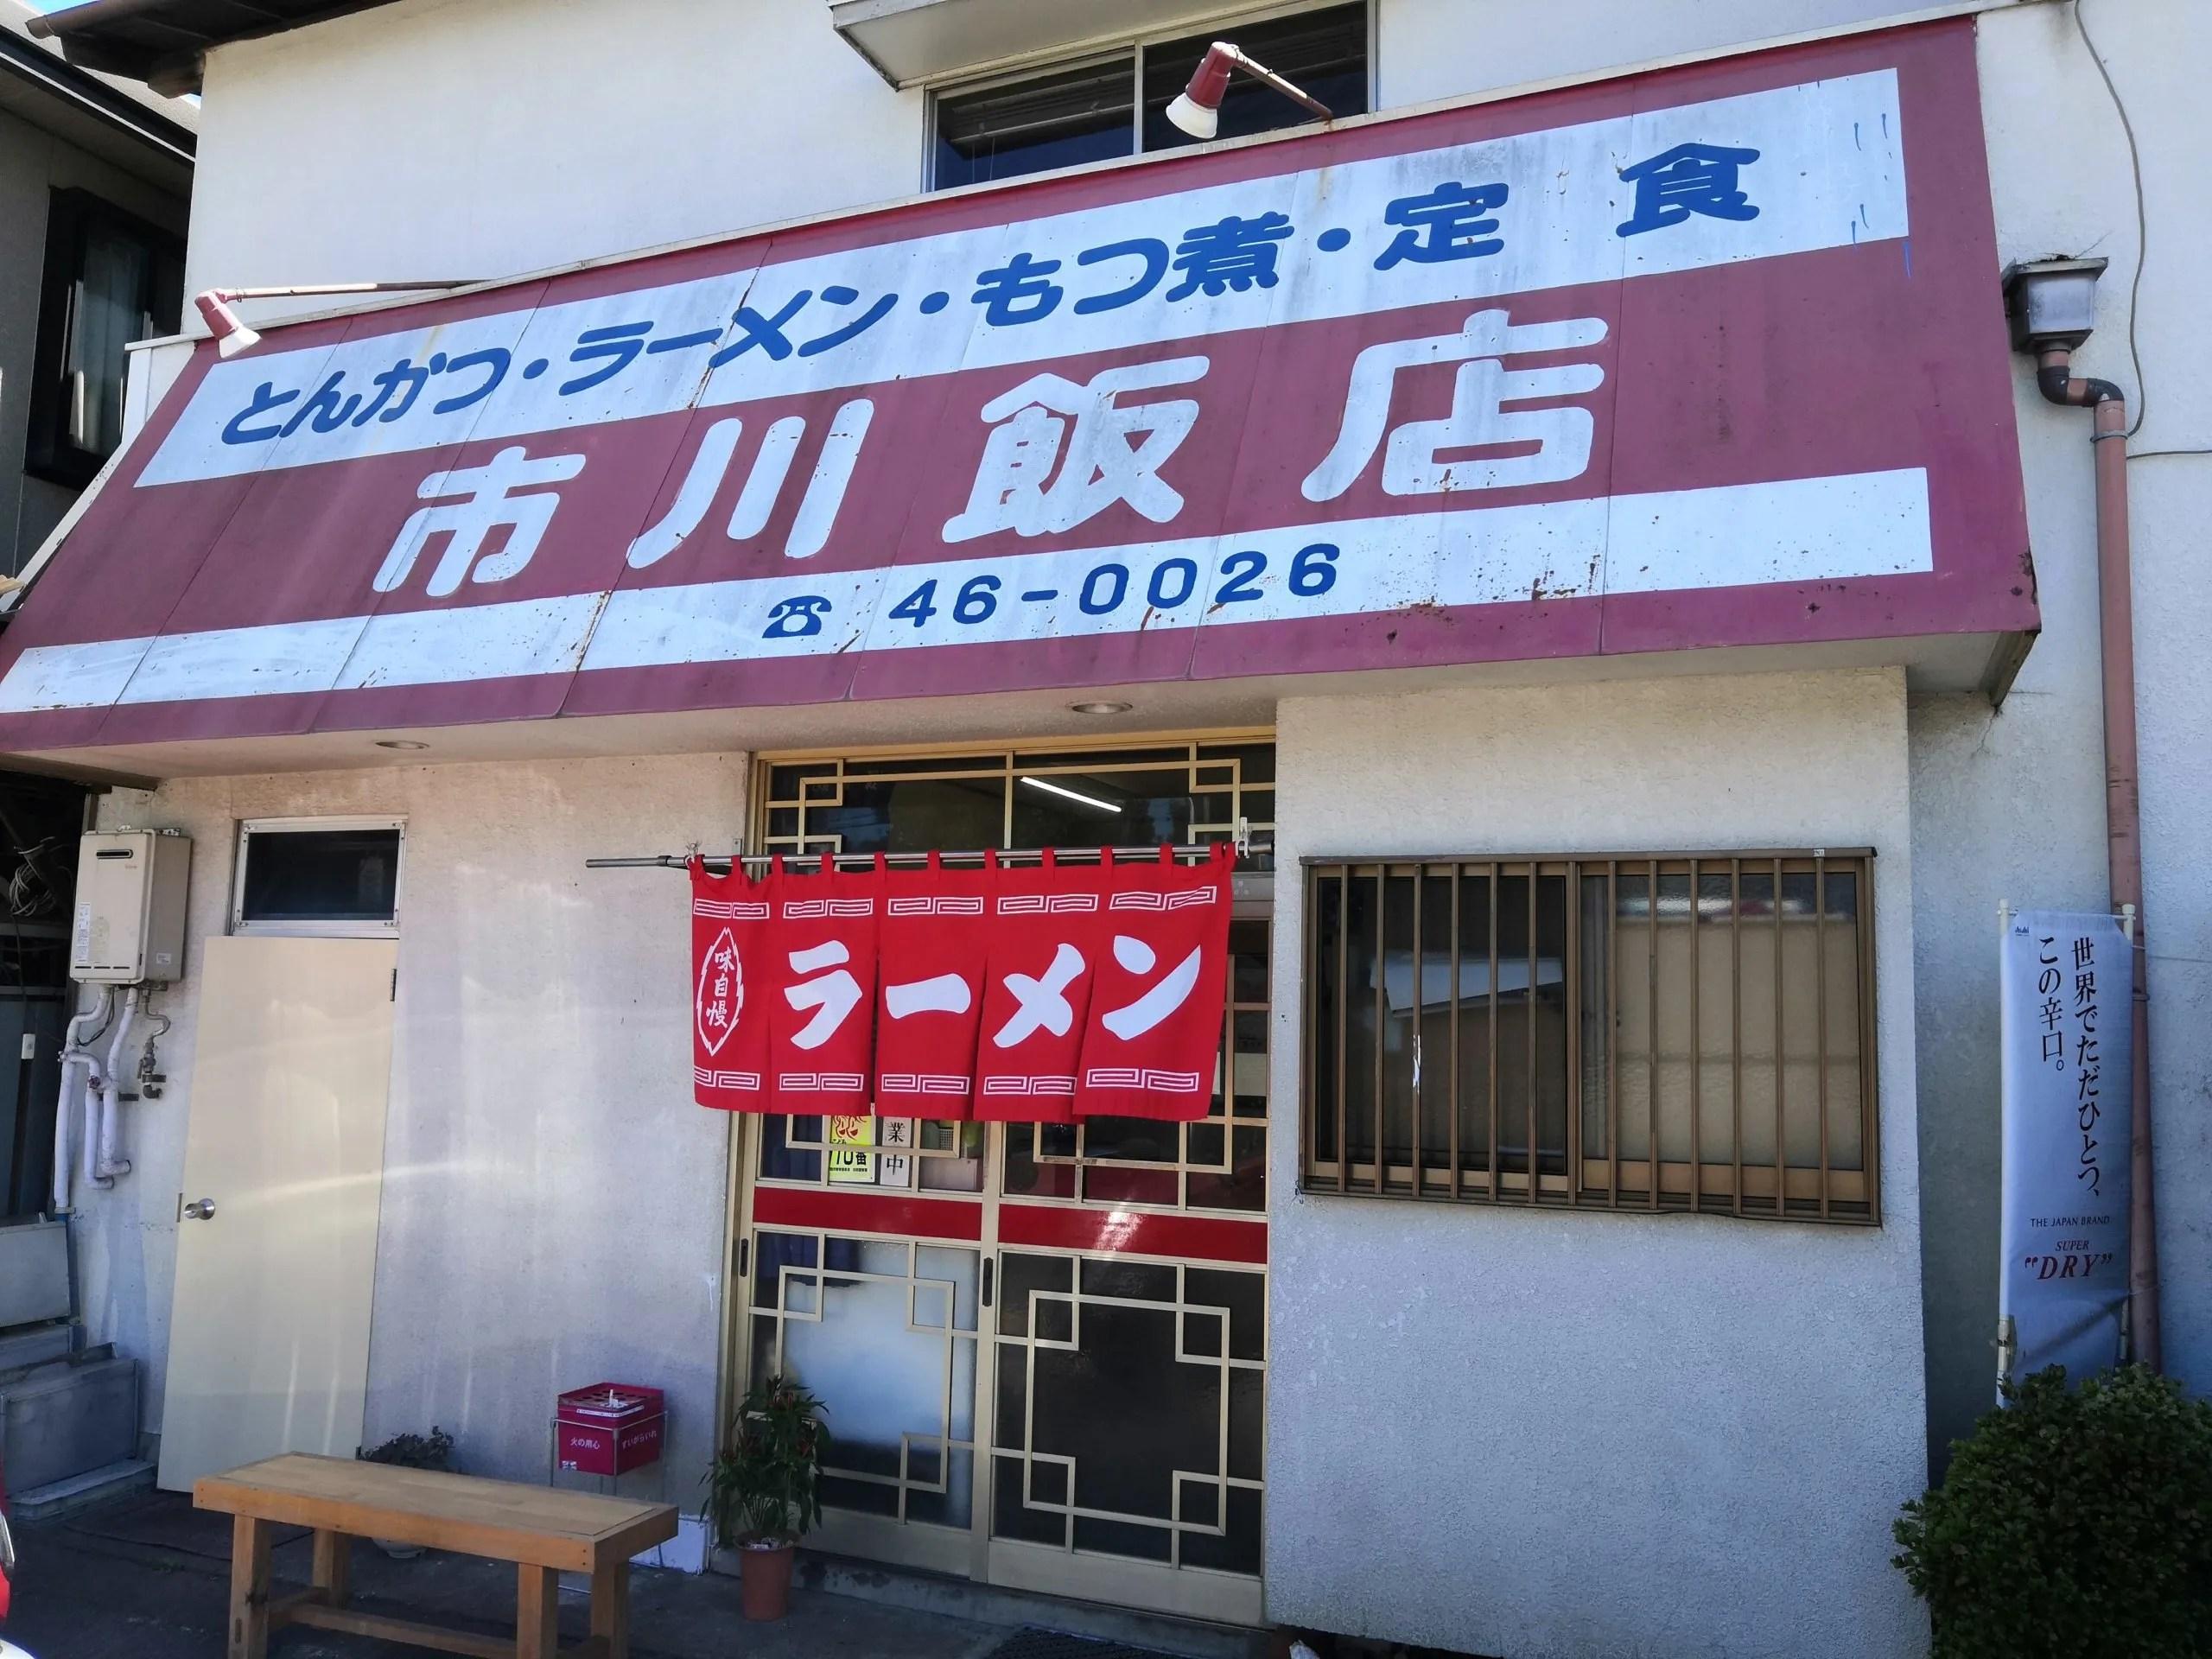 船尾にある「市川飯店」さん、行ってきました!02